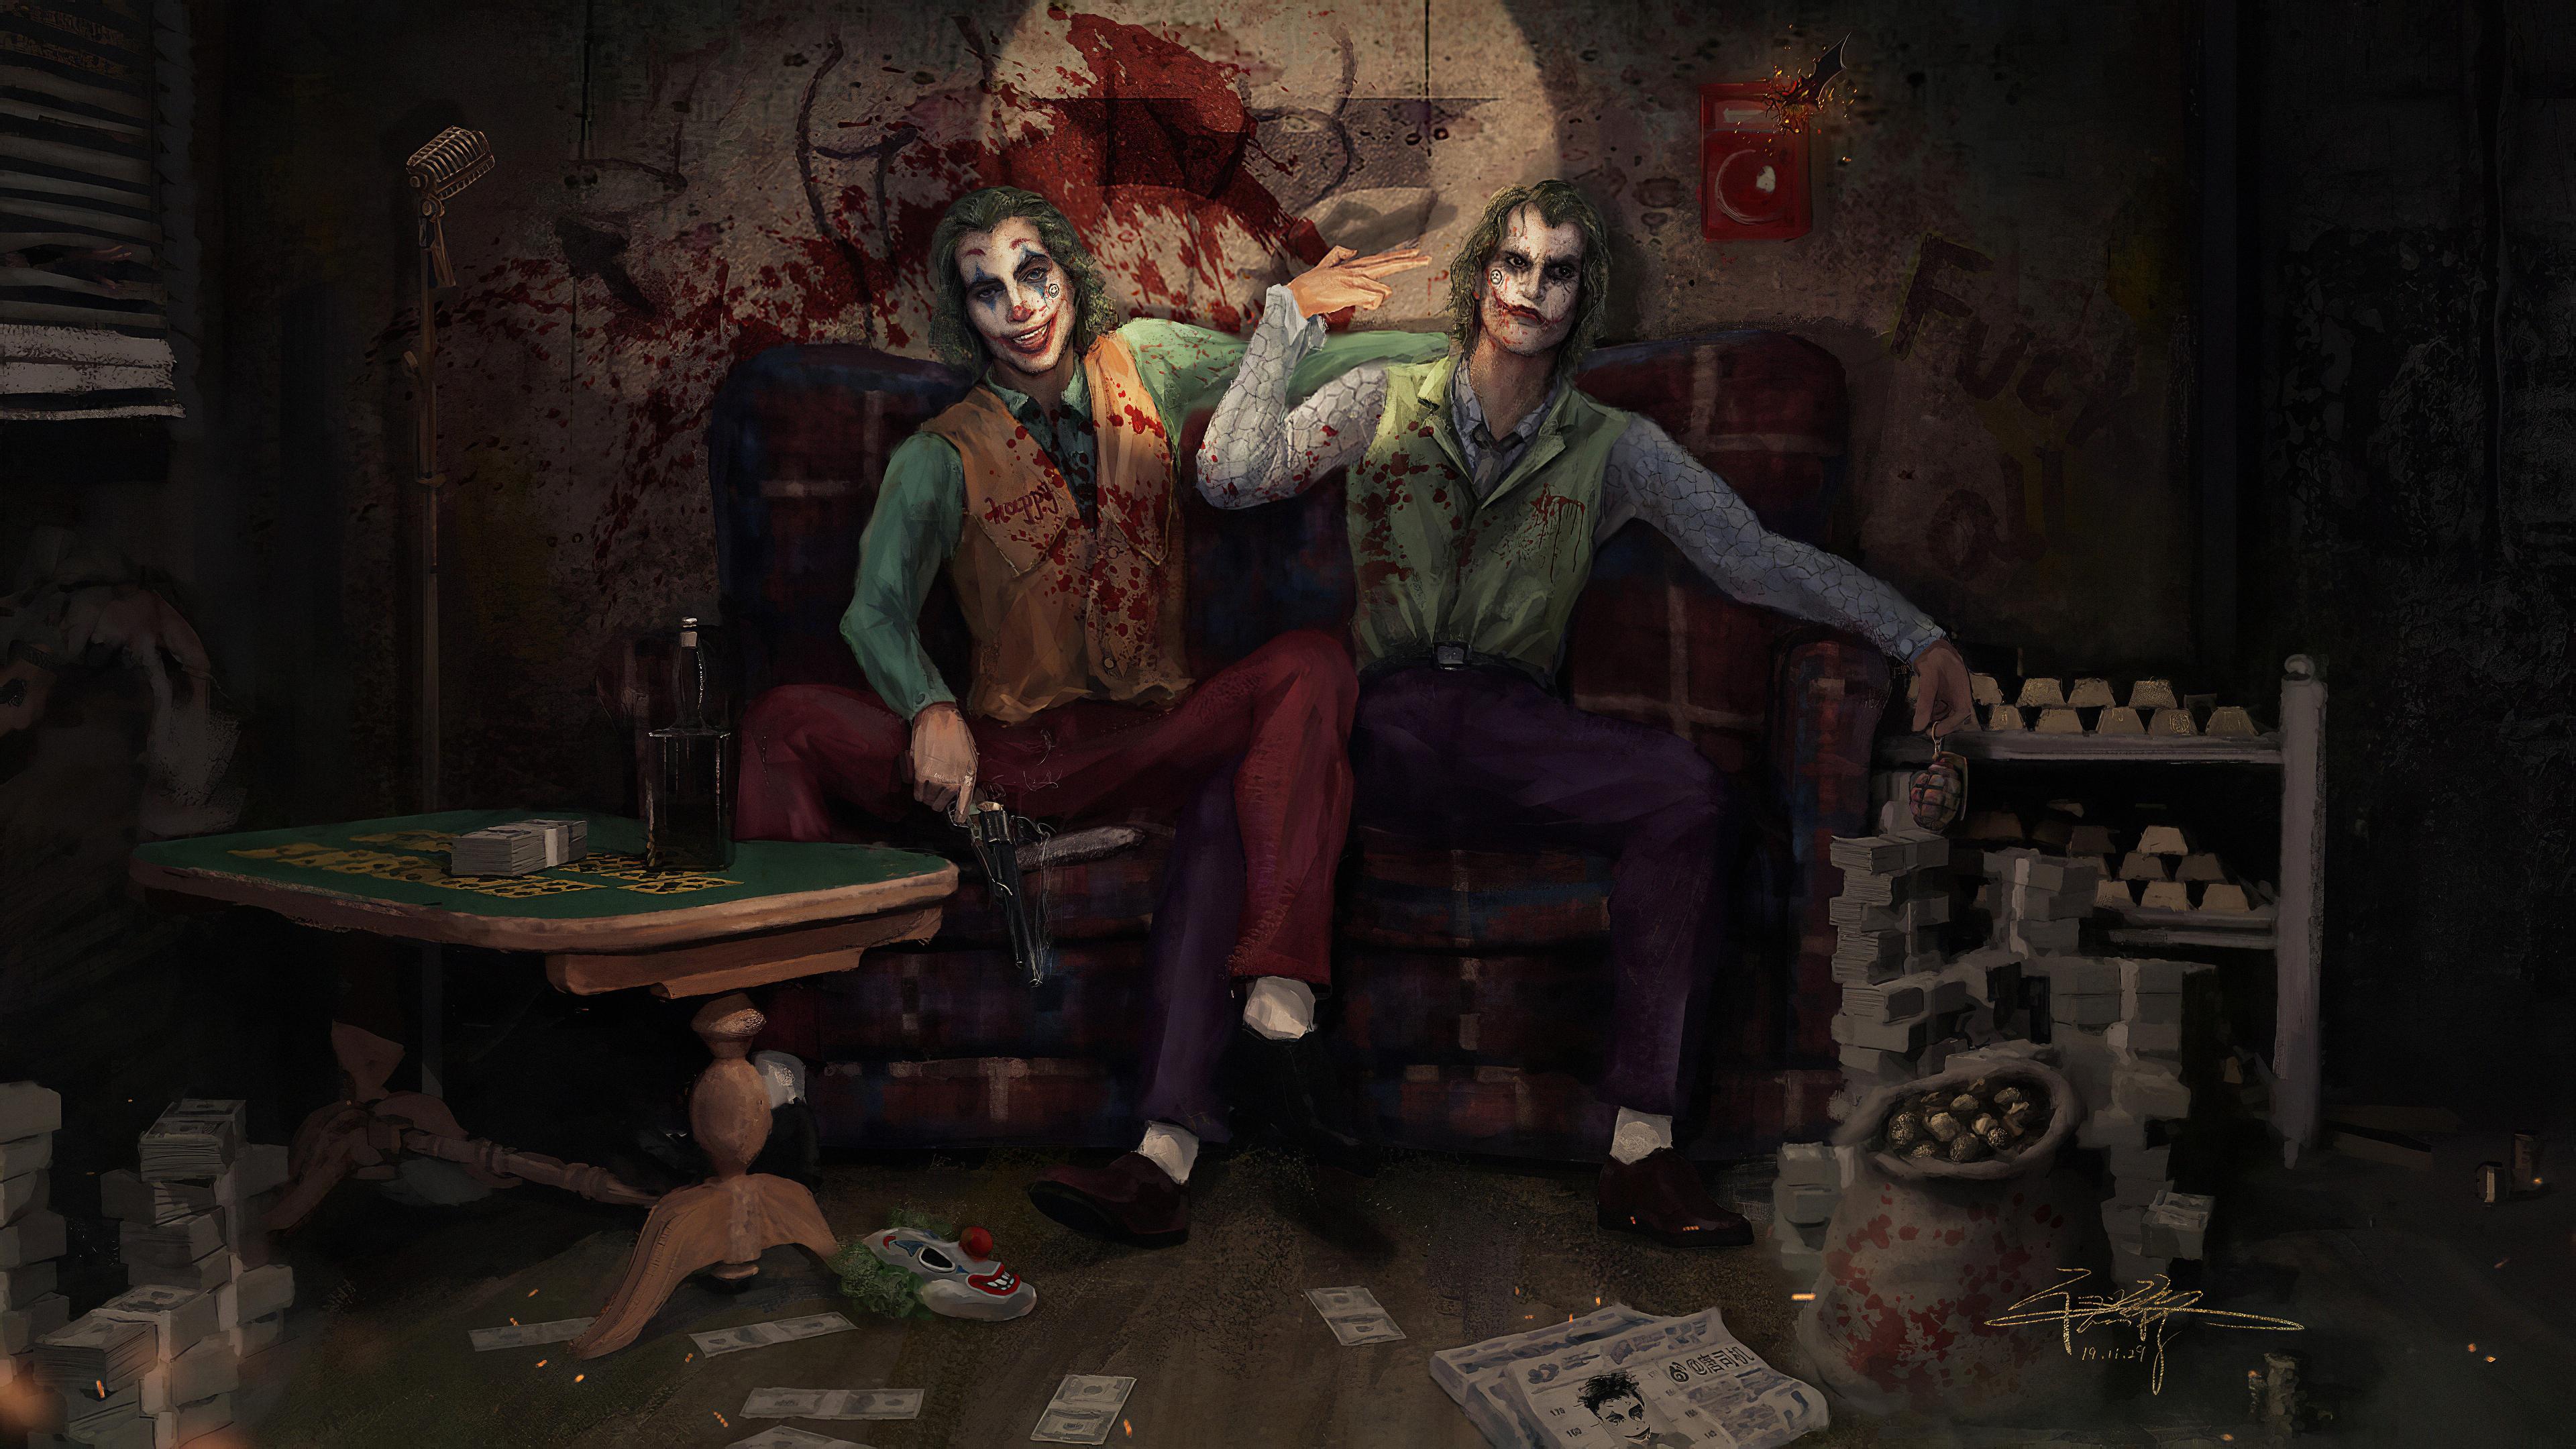 Joker Room